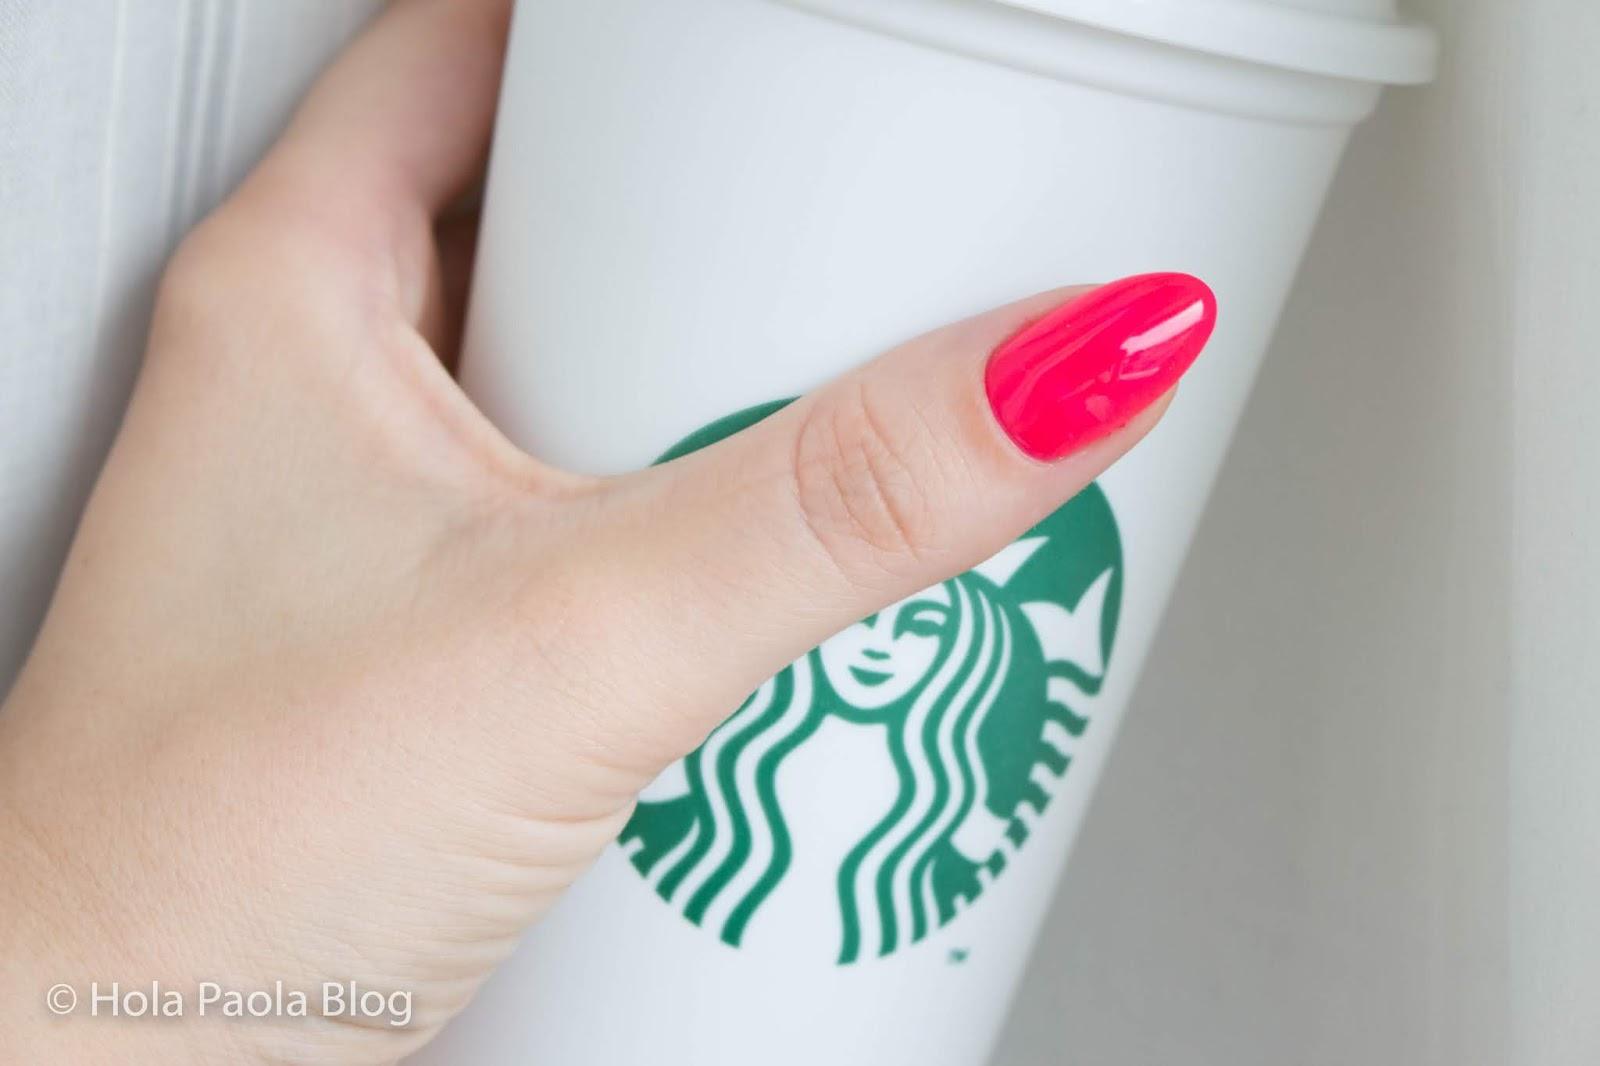 Przedłużanie świeżości manicure hybrydowego